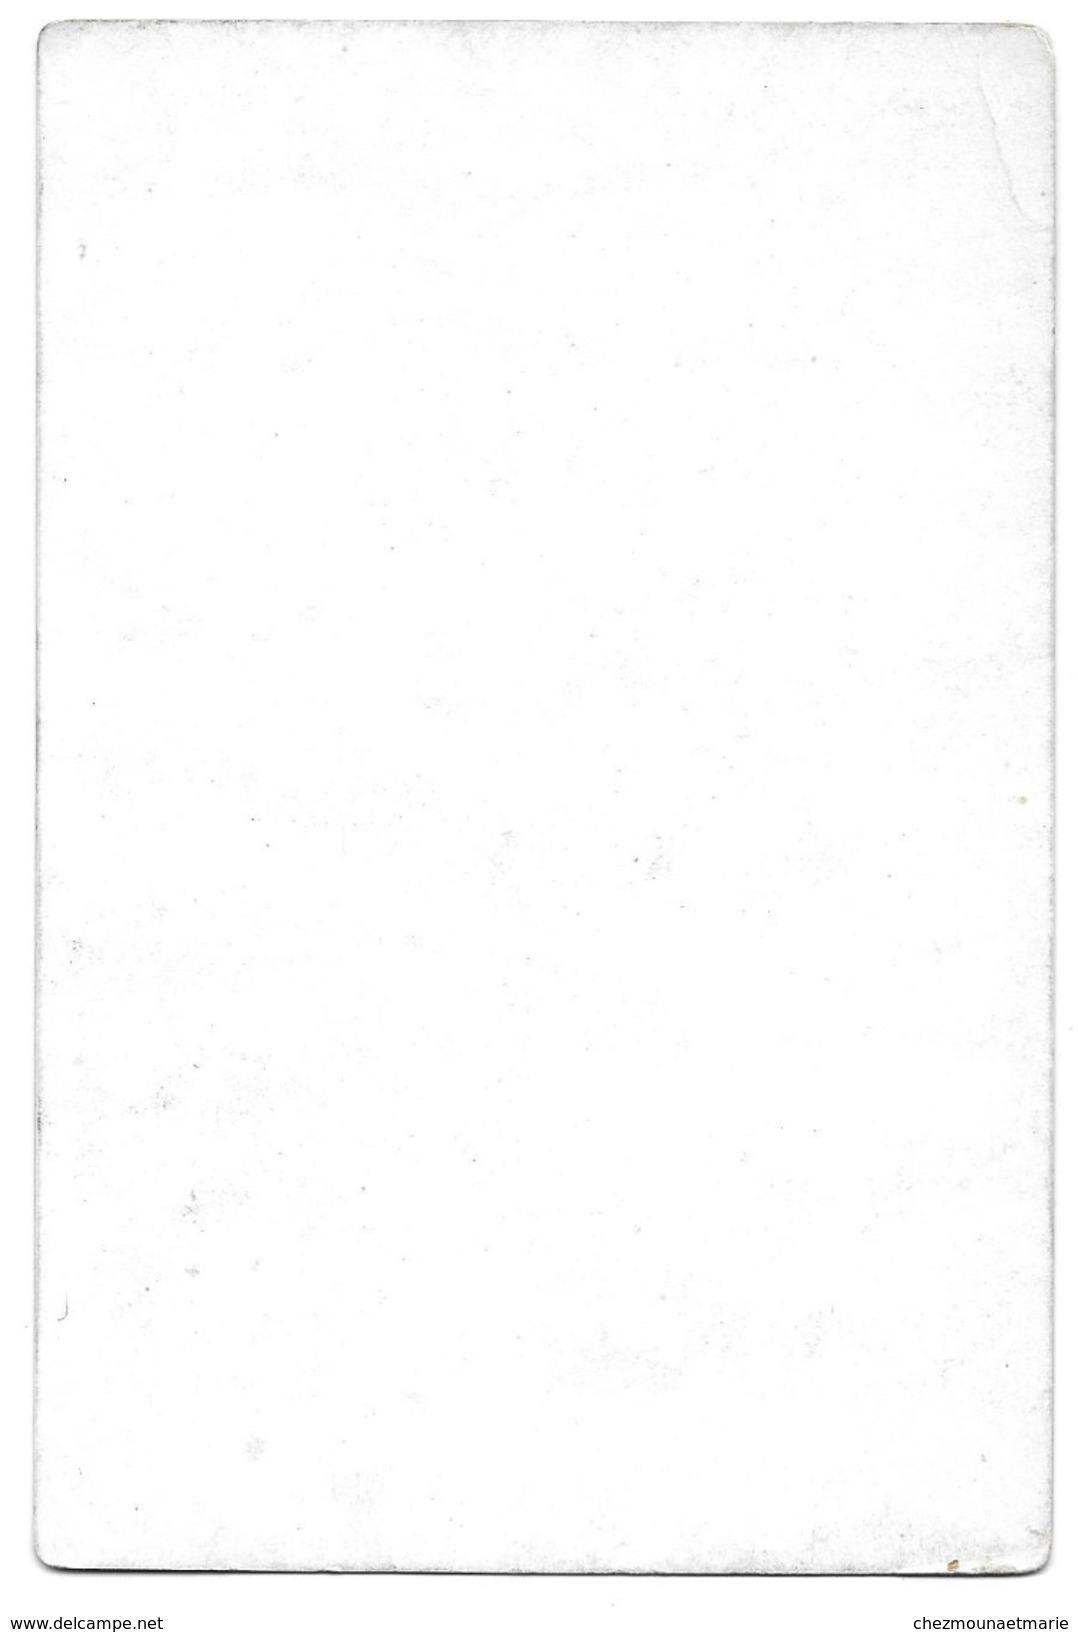 ALGERIE ALGER - HOMME JUIF - PORTRAIT ALGERIEN - JUDAISME JUDAICA - CDV PHOTO GEISER 16.5 X 10.5 CM PASSAGE MALAKOFF - Personnes Anonymes